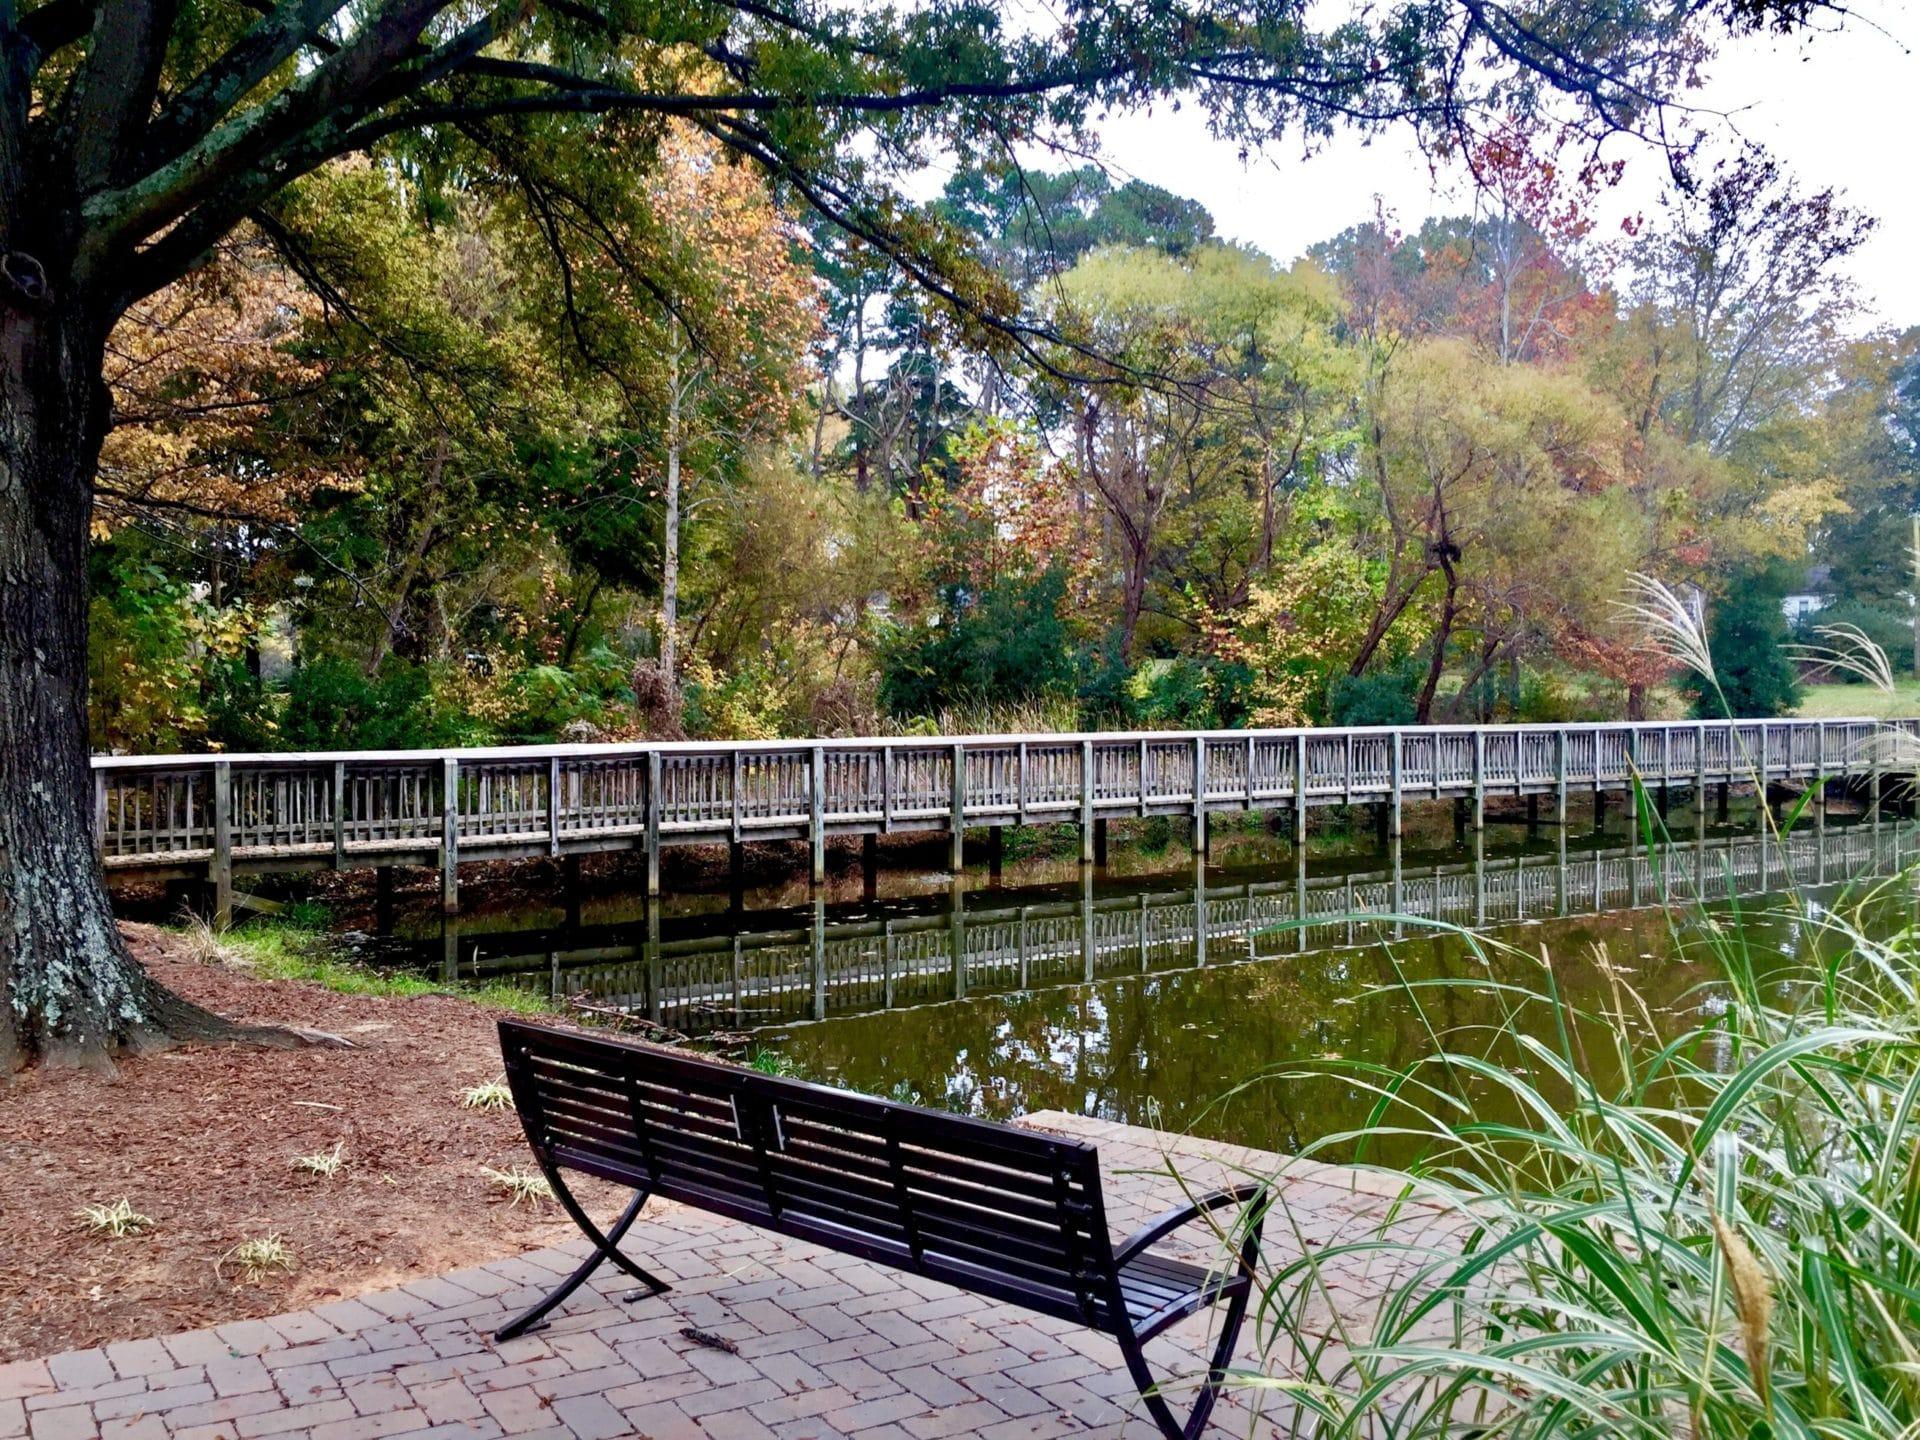 R. Wilson Park